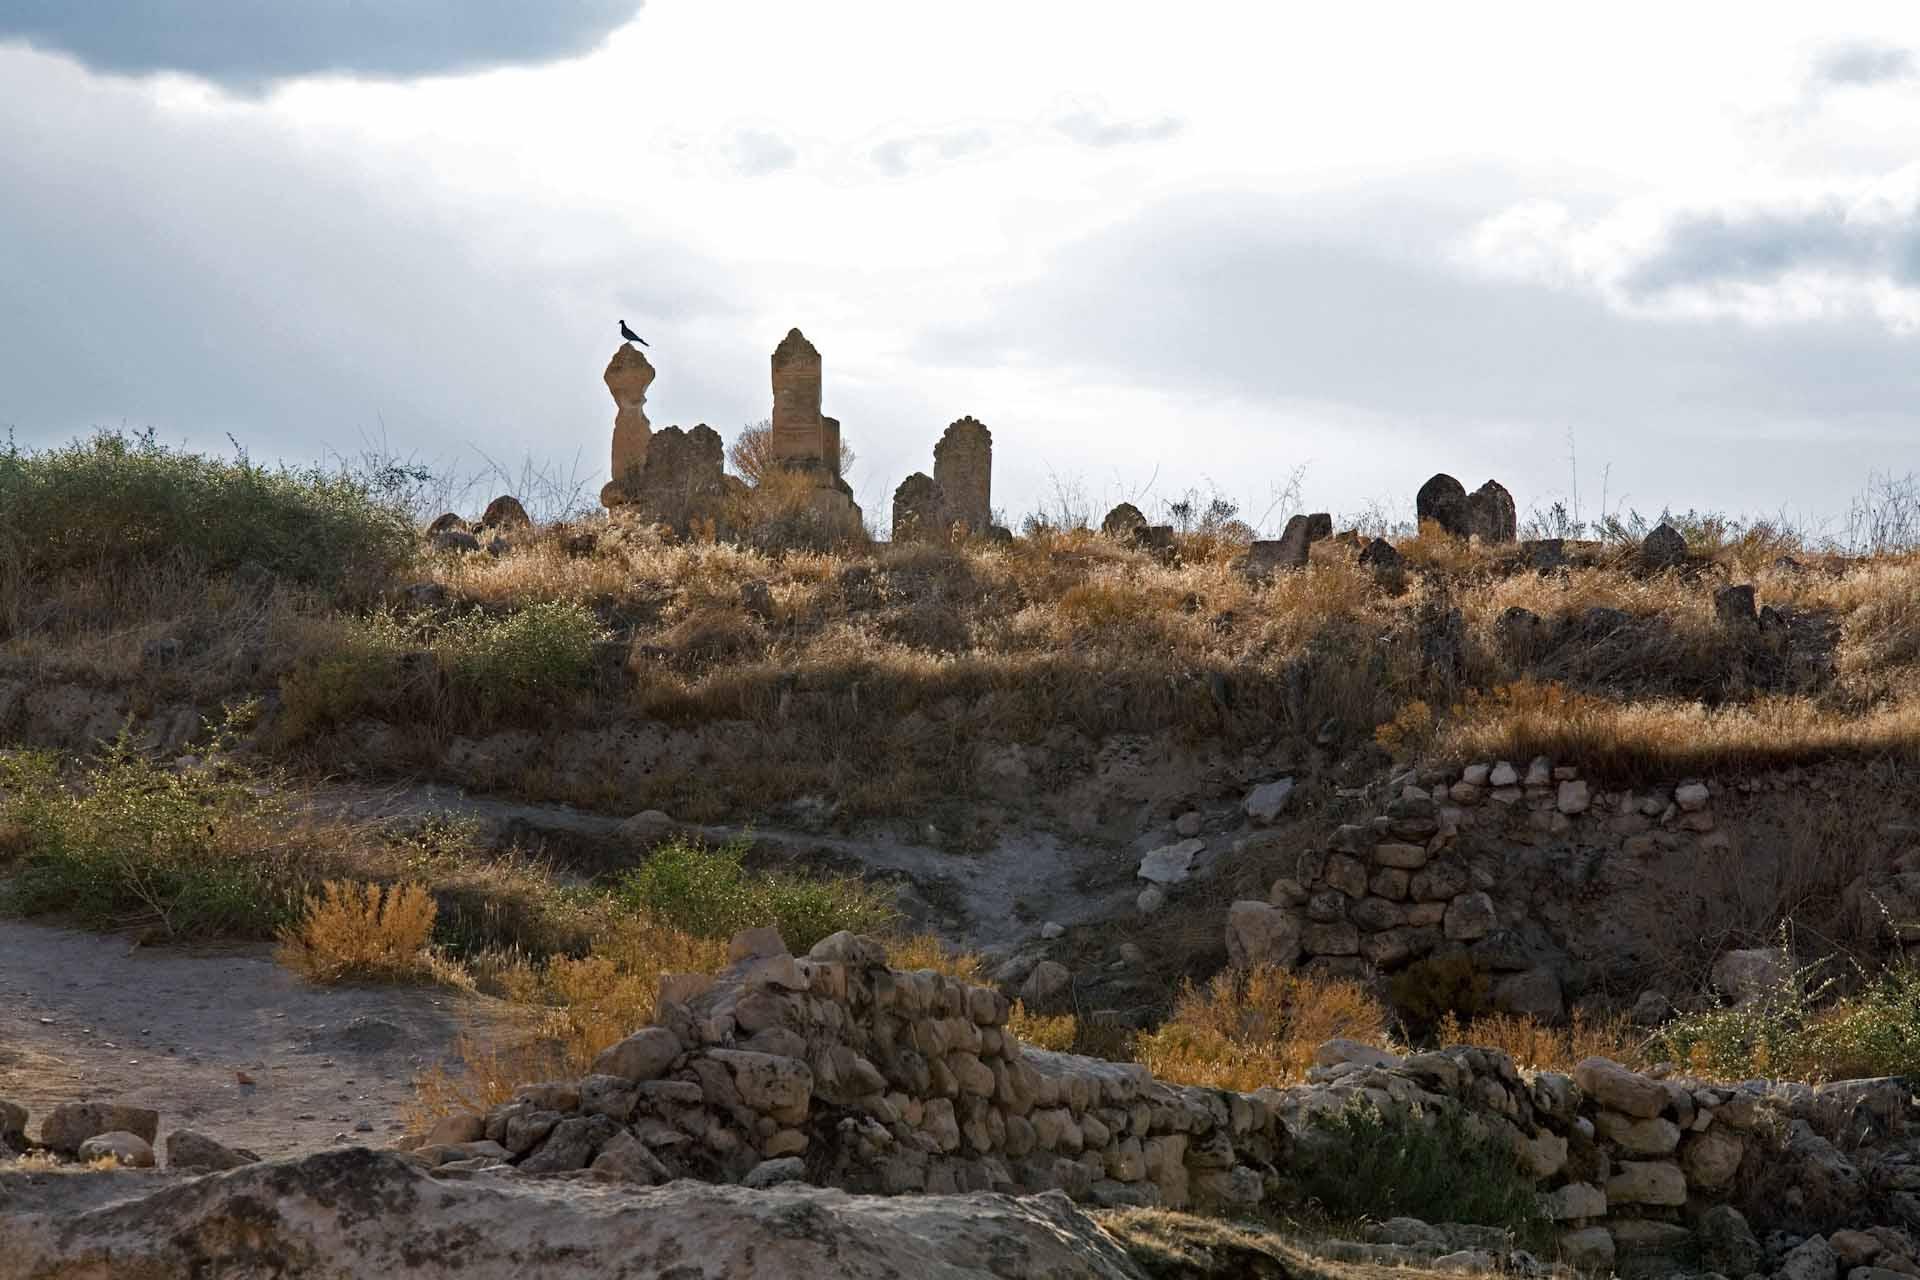 Alte Grabsteine und Begräbnisfelder auf dem früher dicht besiedelten Felsen von Hasankeyf.